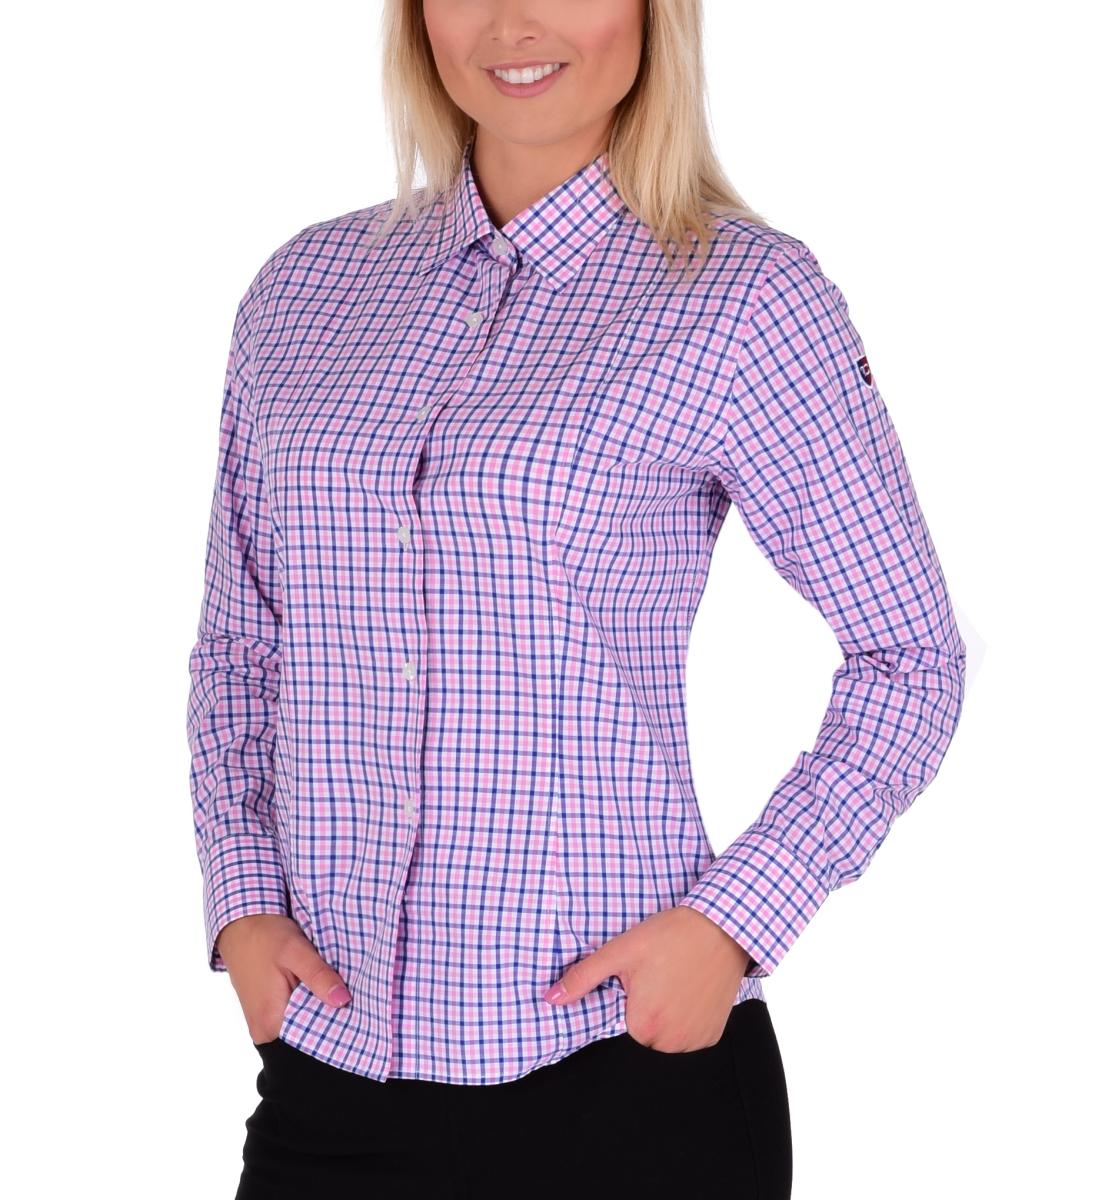 SOPHIA košile  slim fit s dlouhým rukávem blue & pink caro  vel.L